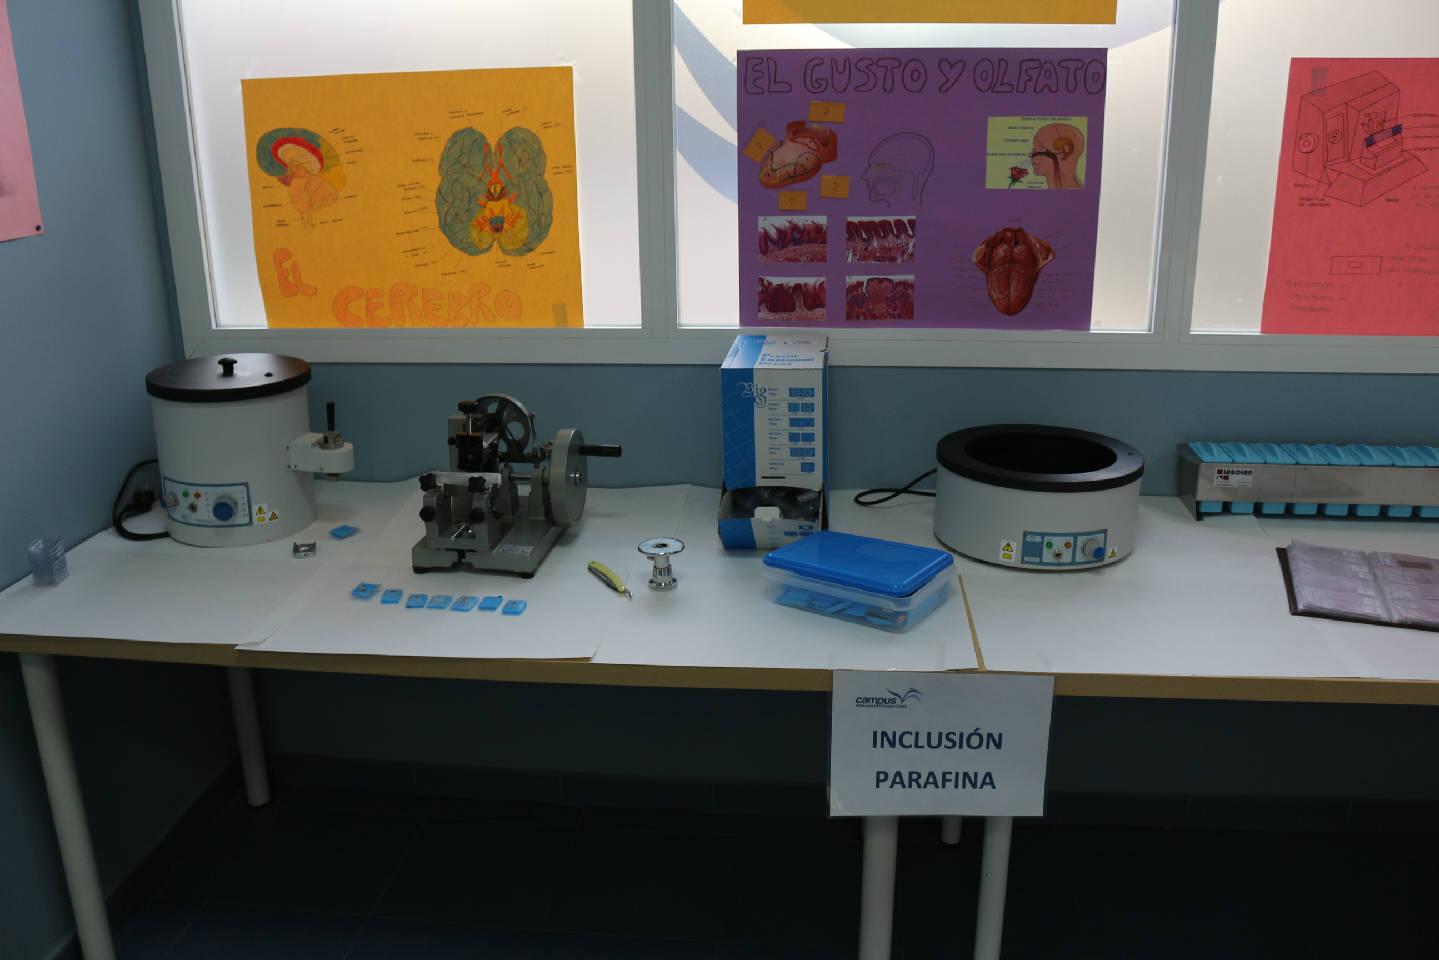 Técnico en Anatomía Patológica y Citodiagnóstico - Formación Sanitaria